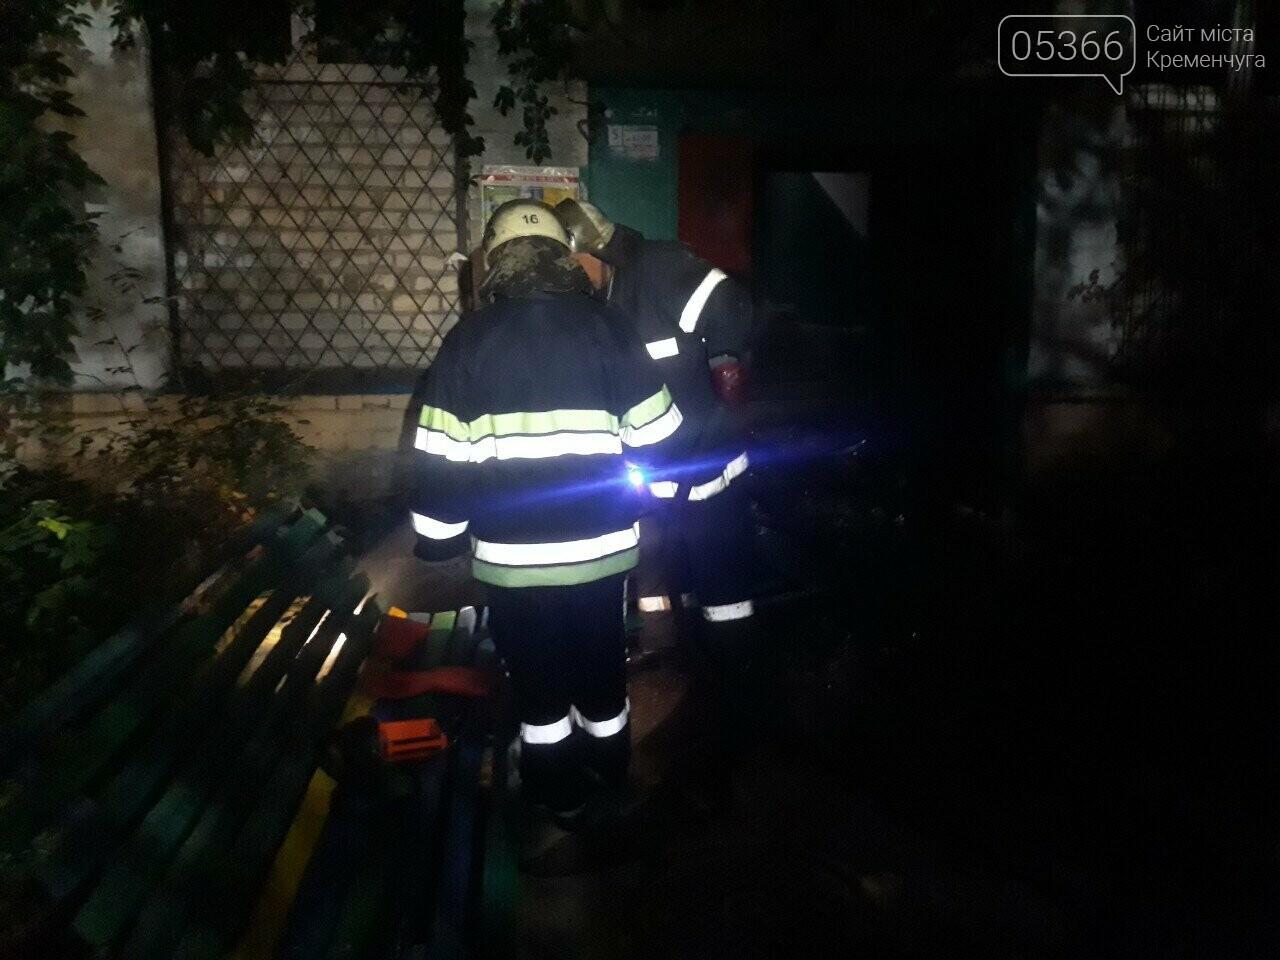 У Кременчуці в п'ятиповерхівці загорілася щитова: згоріли двері під'їзду. Фото, фото-1